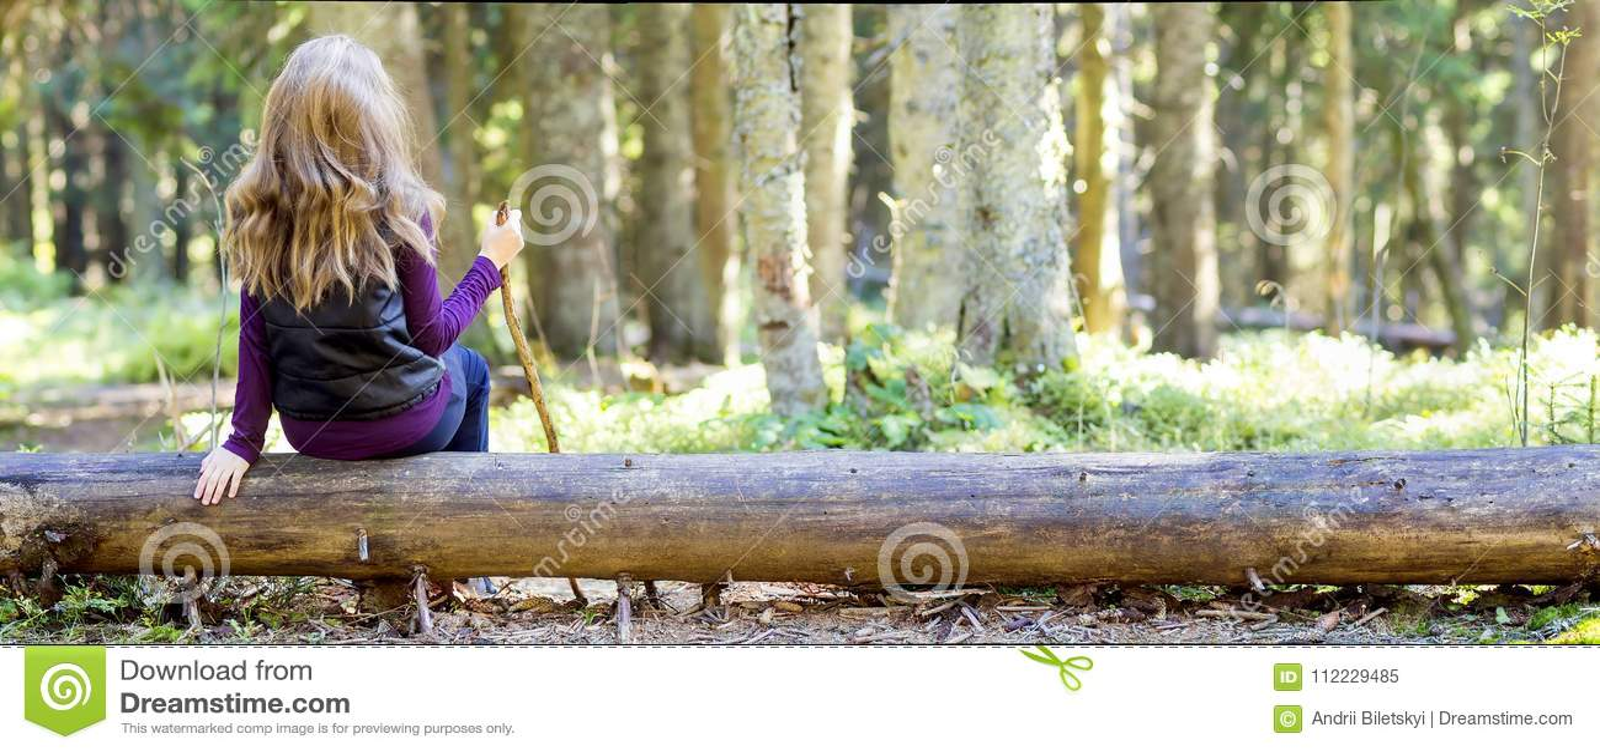 Jeune fille avec de longs cheveux se reposant sur une forêt d automne d identifiez-vous d arbre